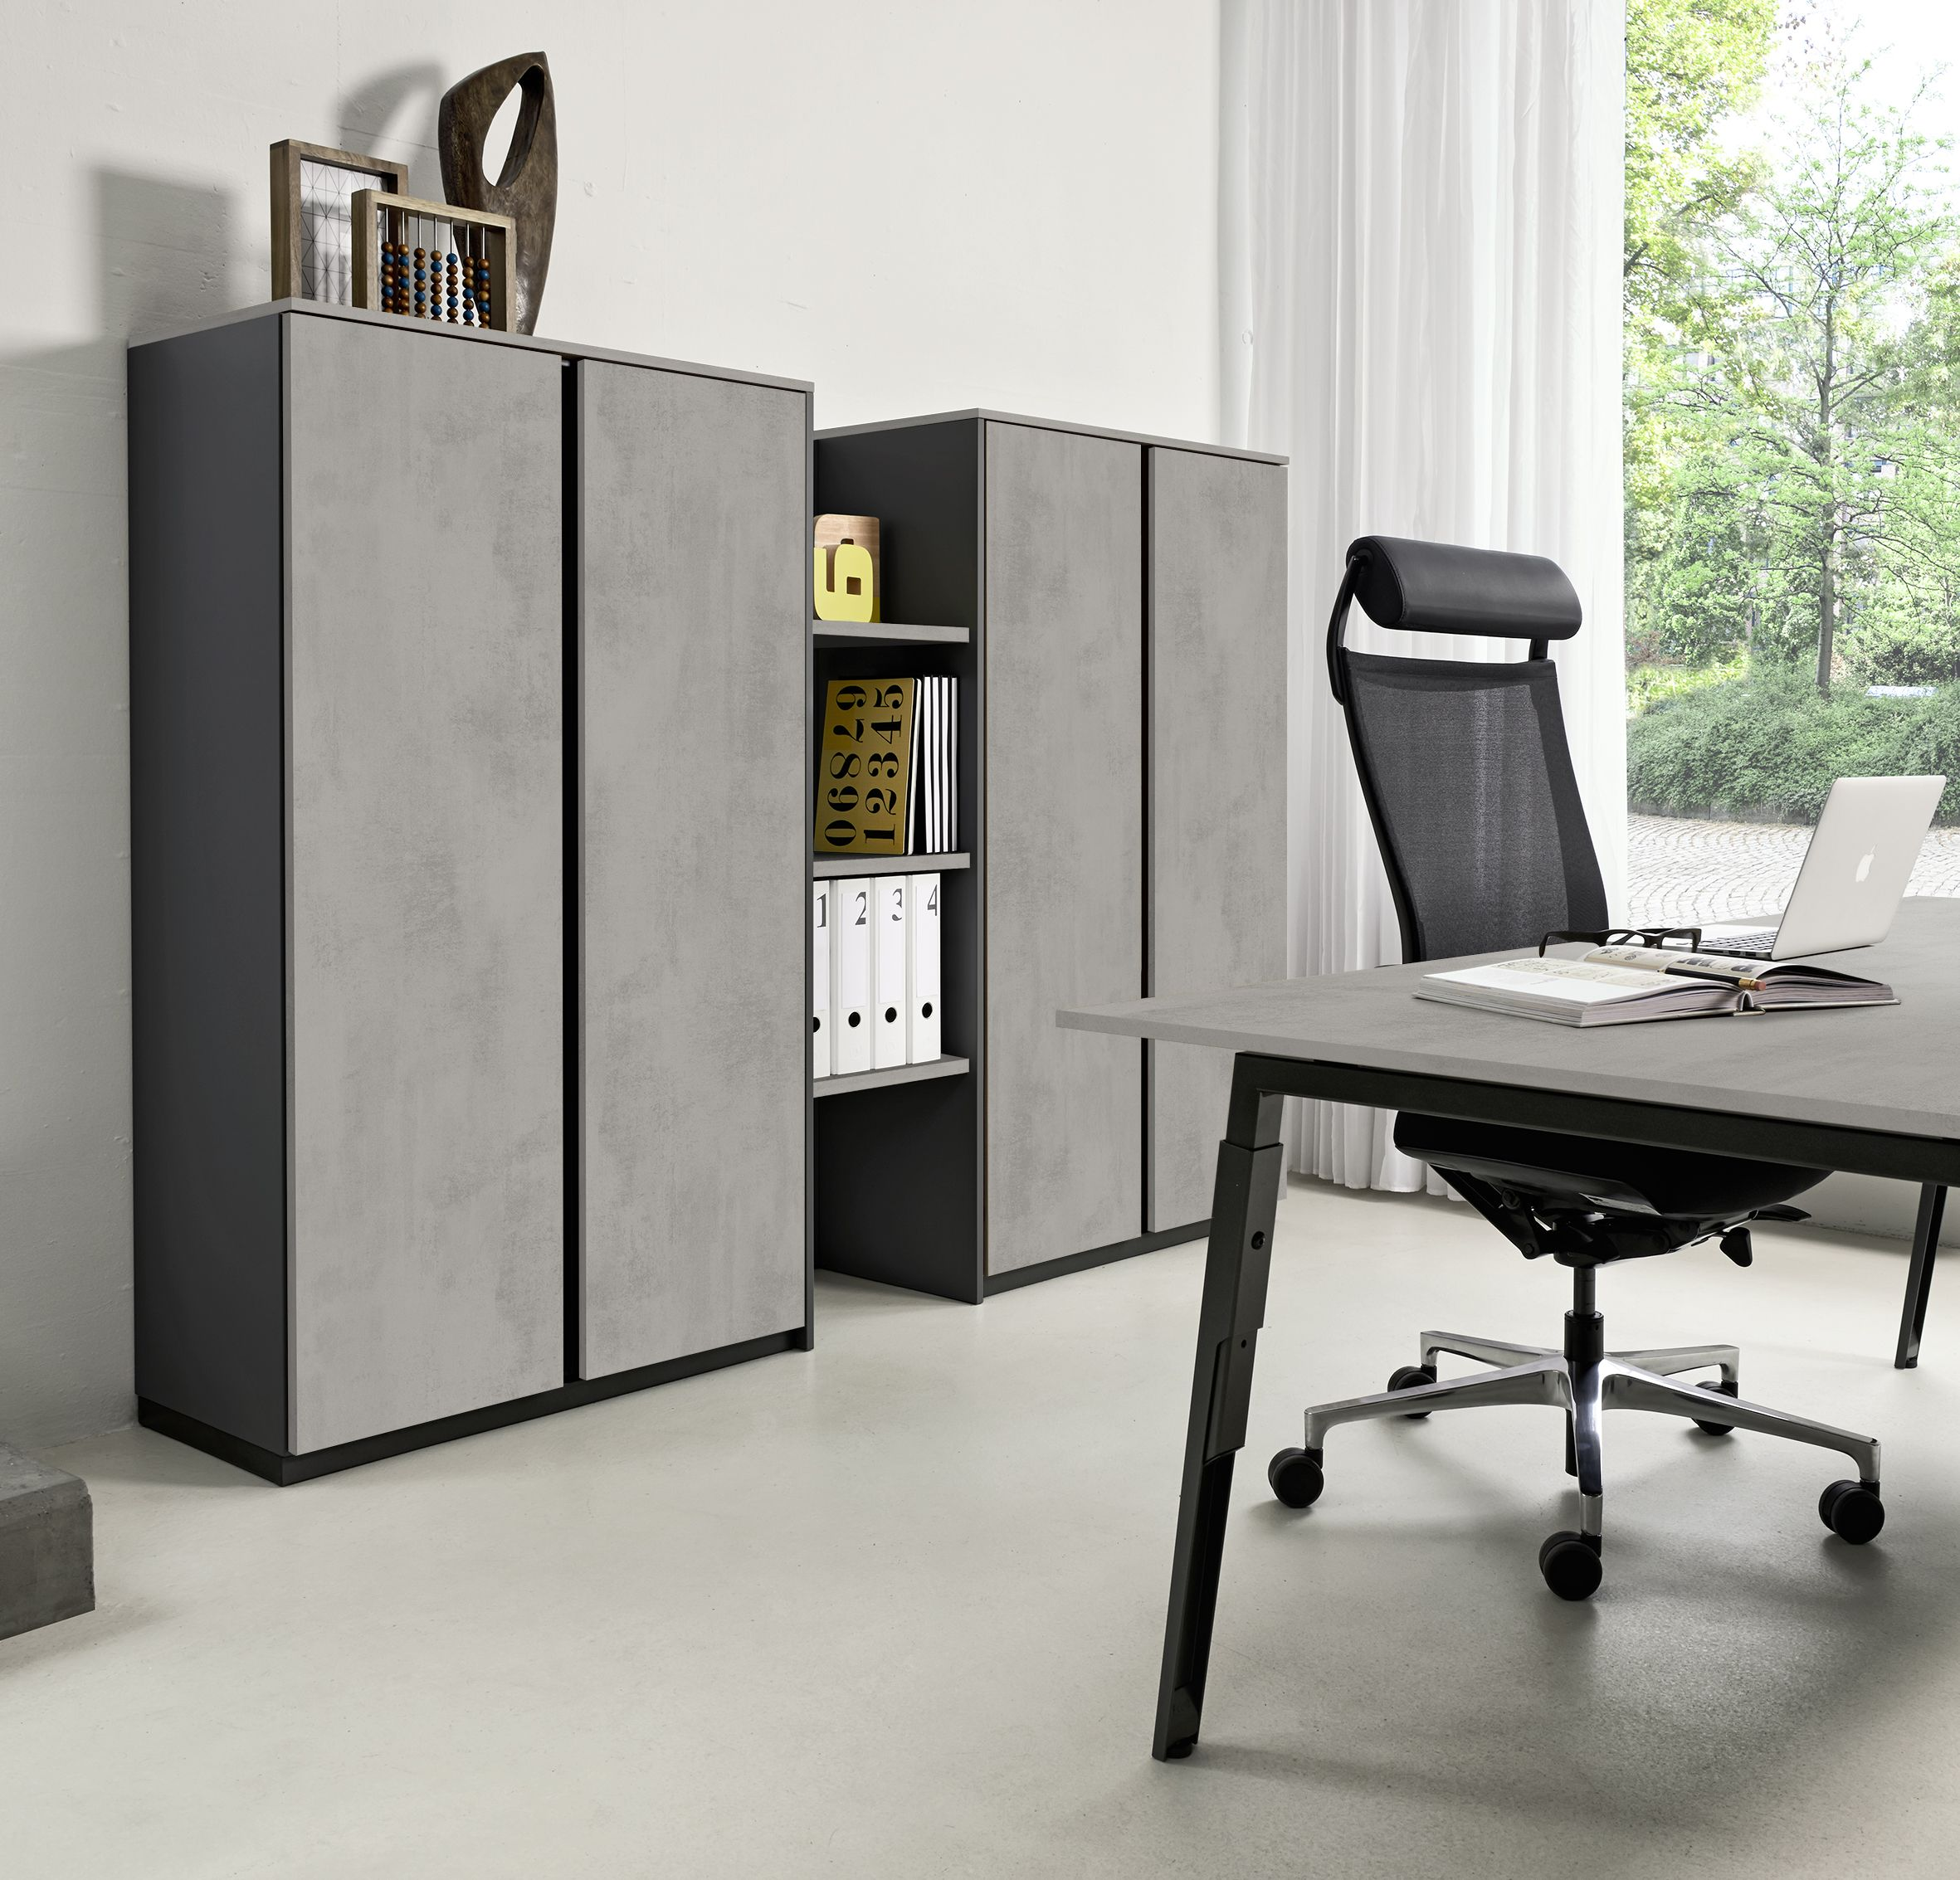 Pin von Febrü Büromöbel auf Schränke | Pinterest ...